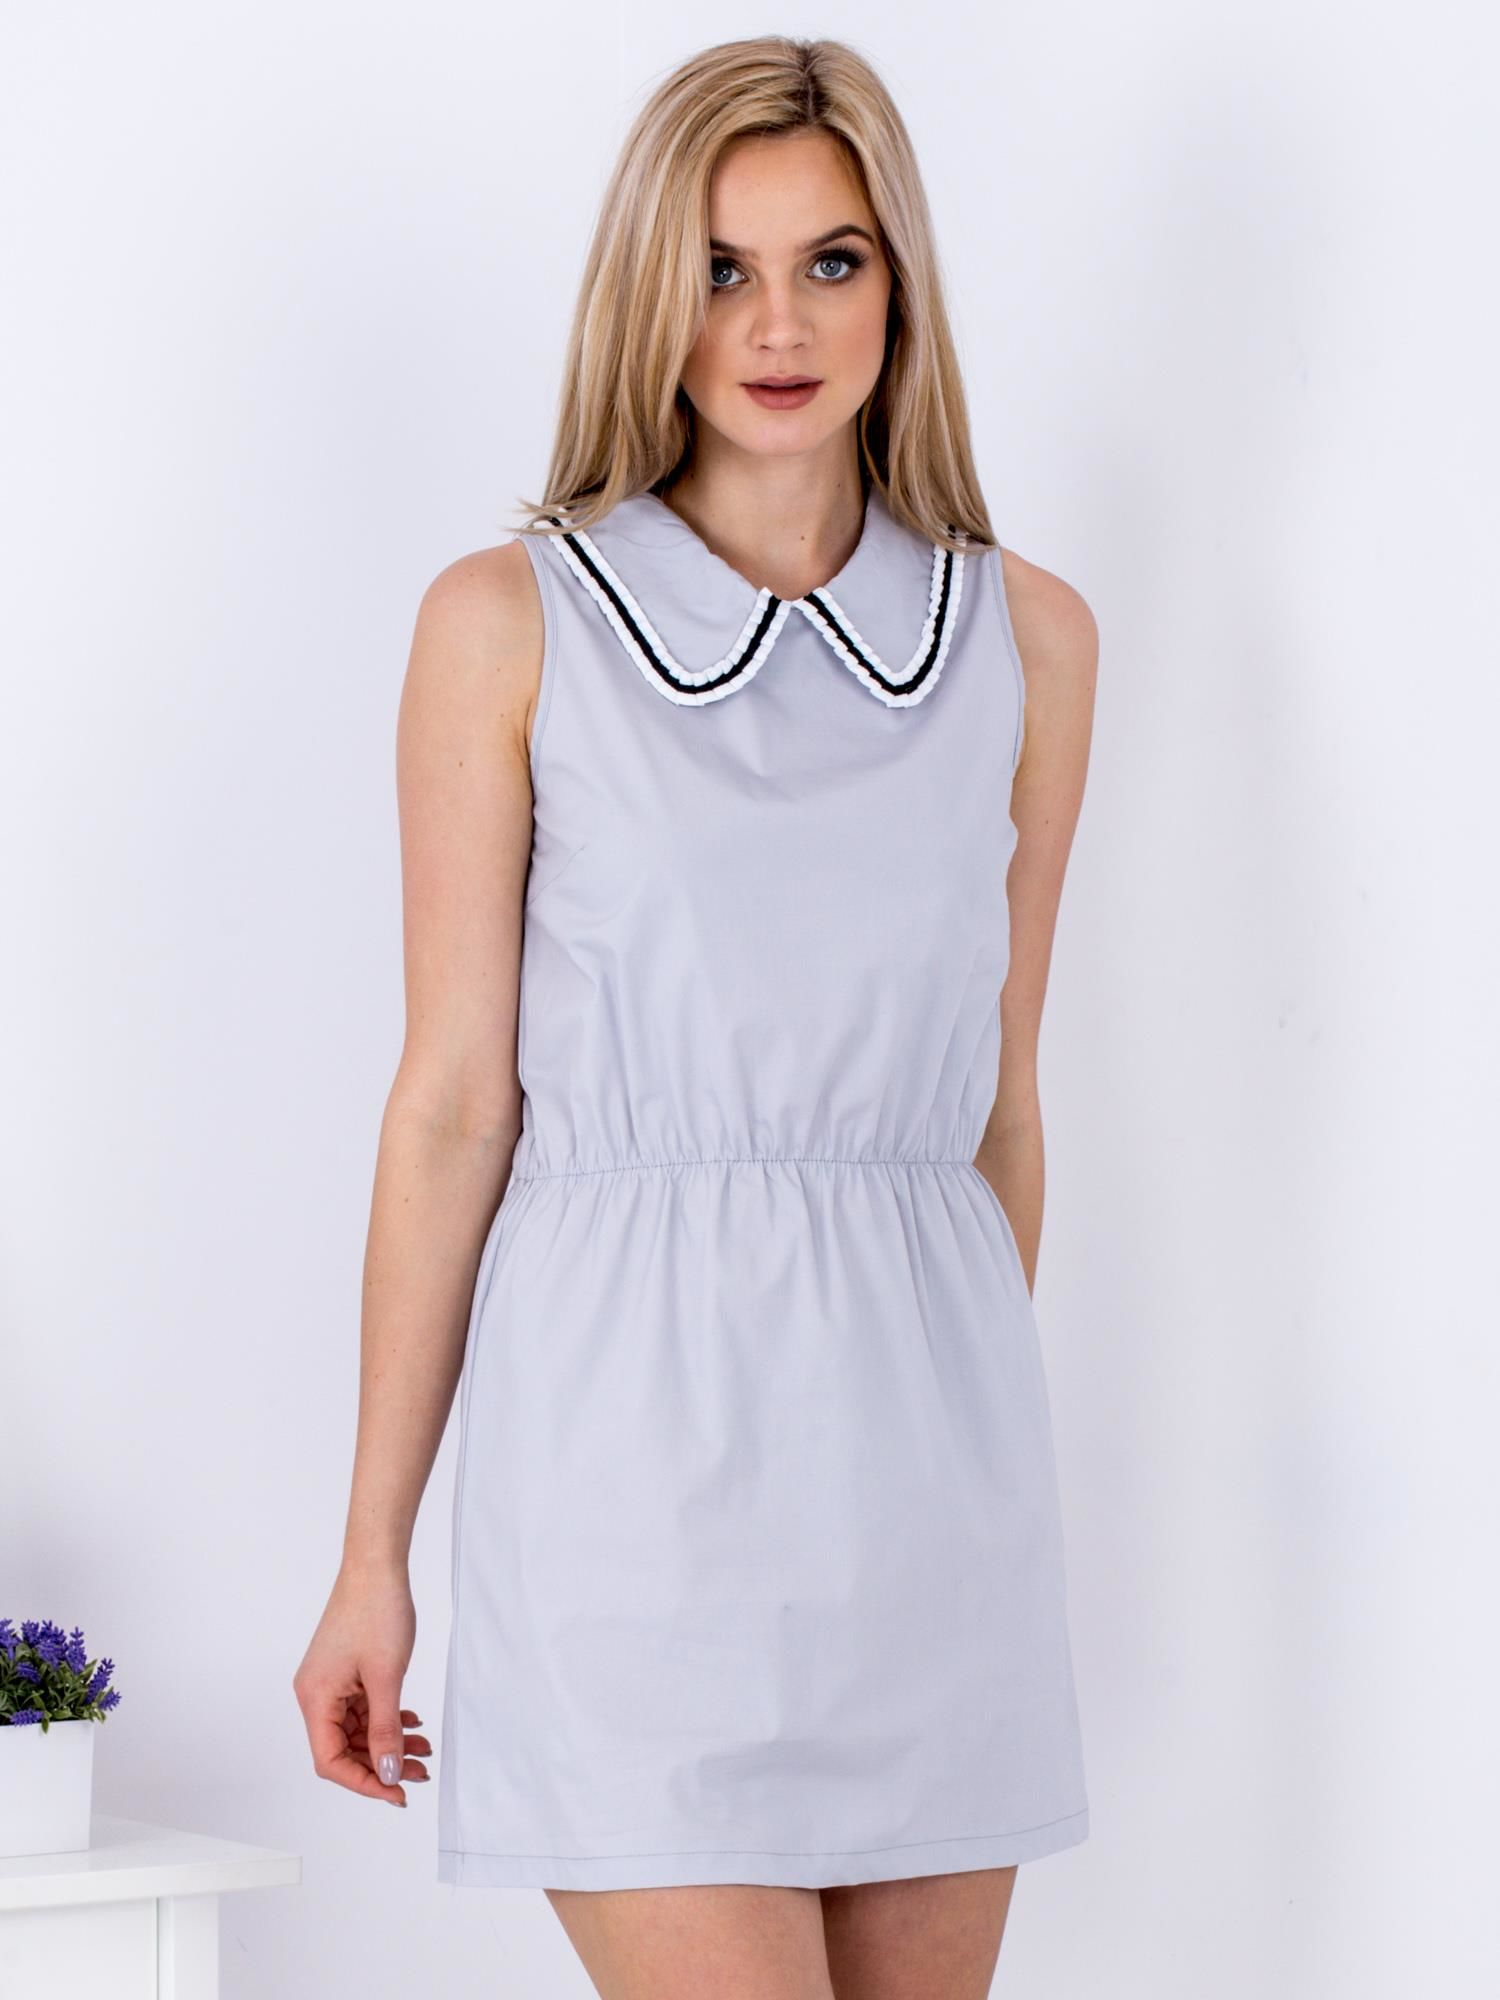 Ležérne dámske sivé šaty s golierom - S